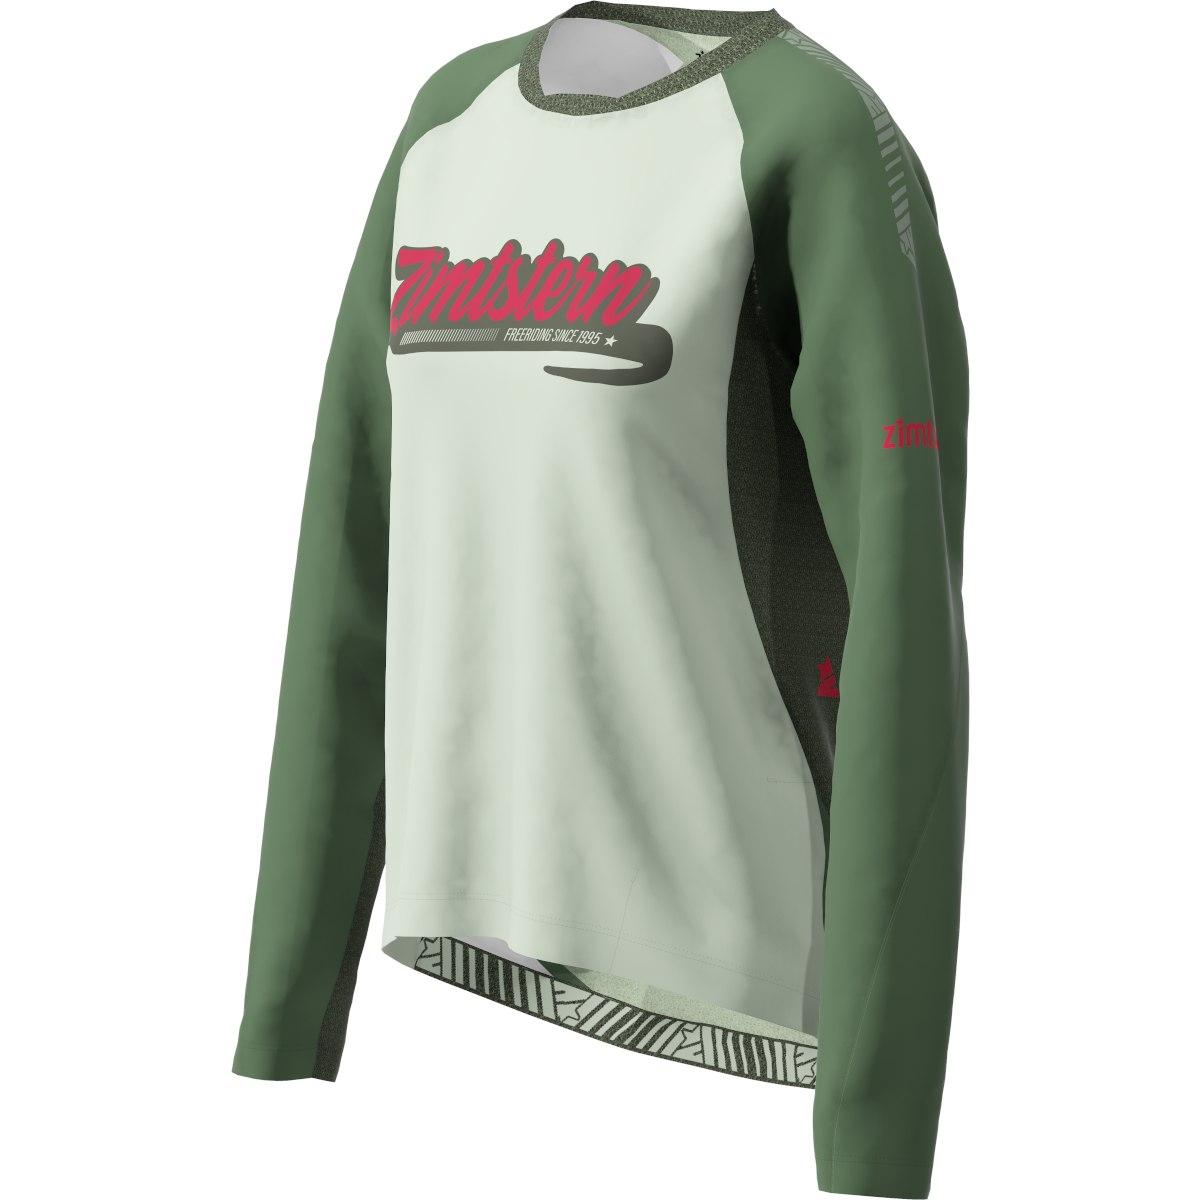 Bild von Zimtstern ProTechZonez Windbreaker MTB-Langarmshirt für Damen - bronze green/pirate black